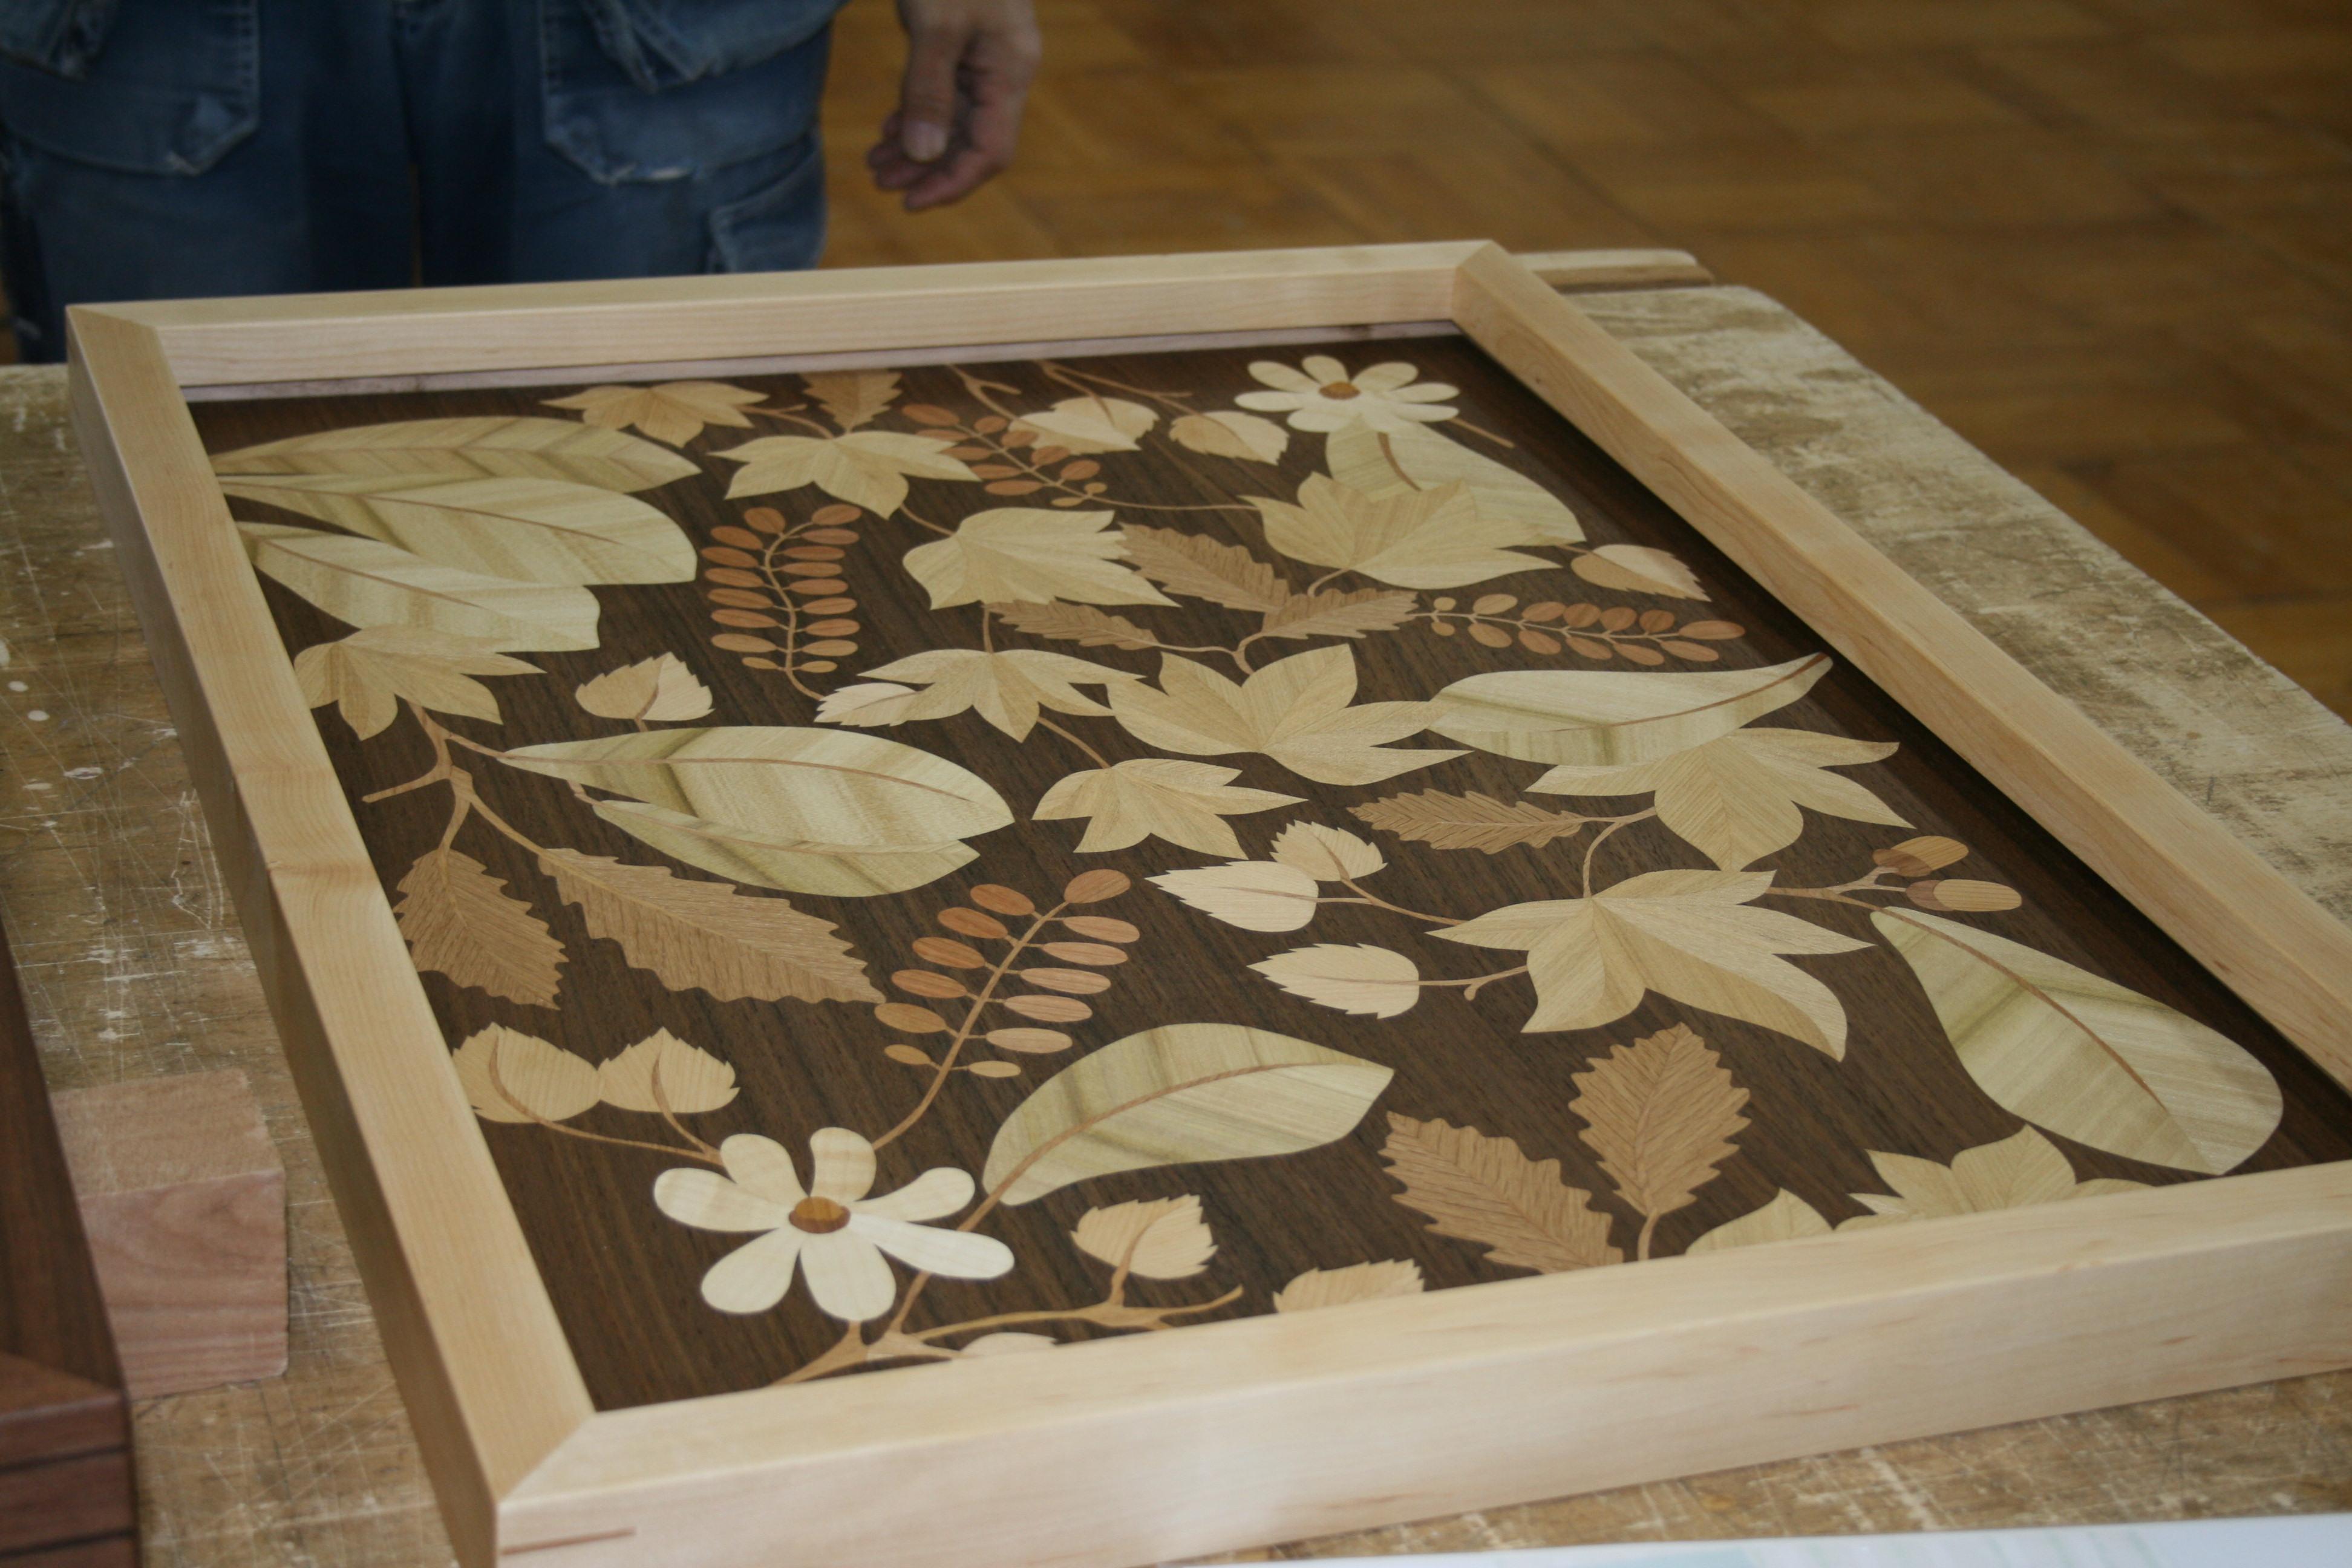 ー木象嵌yearー 魅せる作品、作ってます!